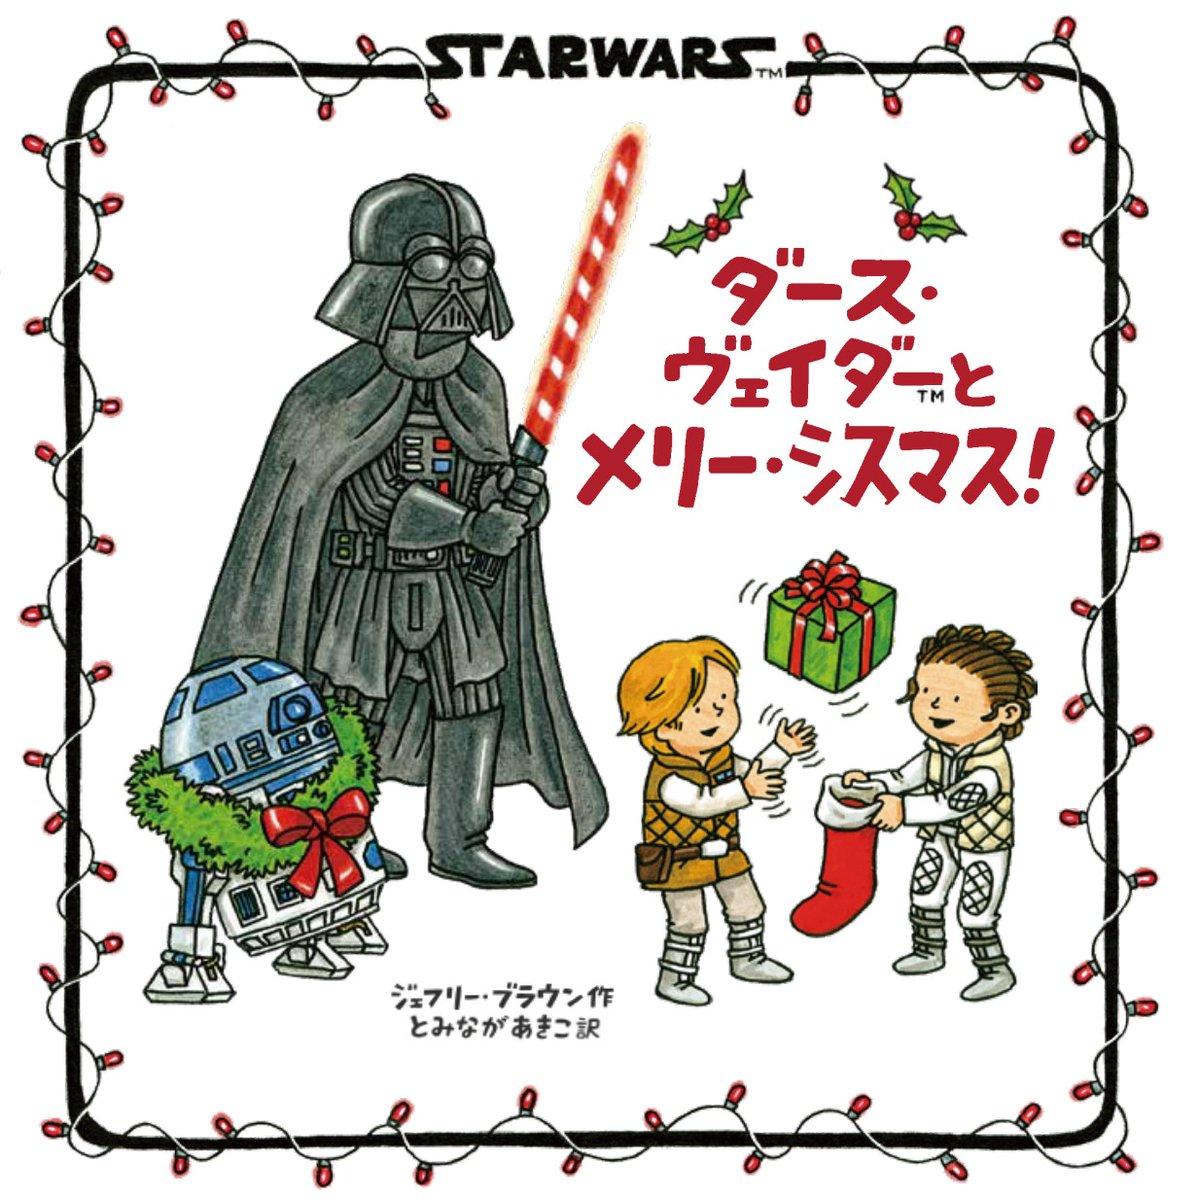 ジェフリー・ブラウンが贈る、大人気の絵本シリーズ最新刊✨「ダース・ヴェイダーとメリー・シスマス!」 辰巳出版楽しい銀河の冬休み。ダース・ヴェイダーと銀河の仲間たちがくりひろげる、にぎやかなクリスマス🎄 (Amazon)#スターウォーズ